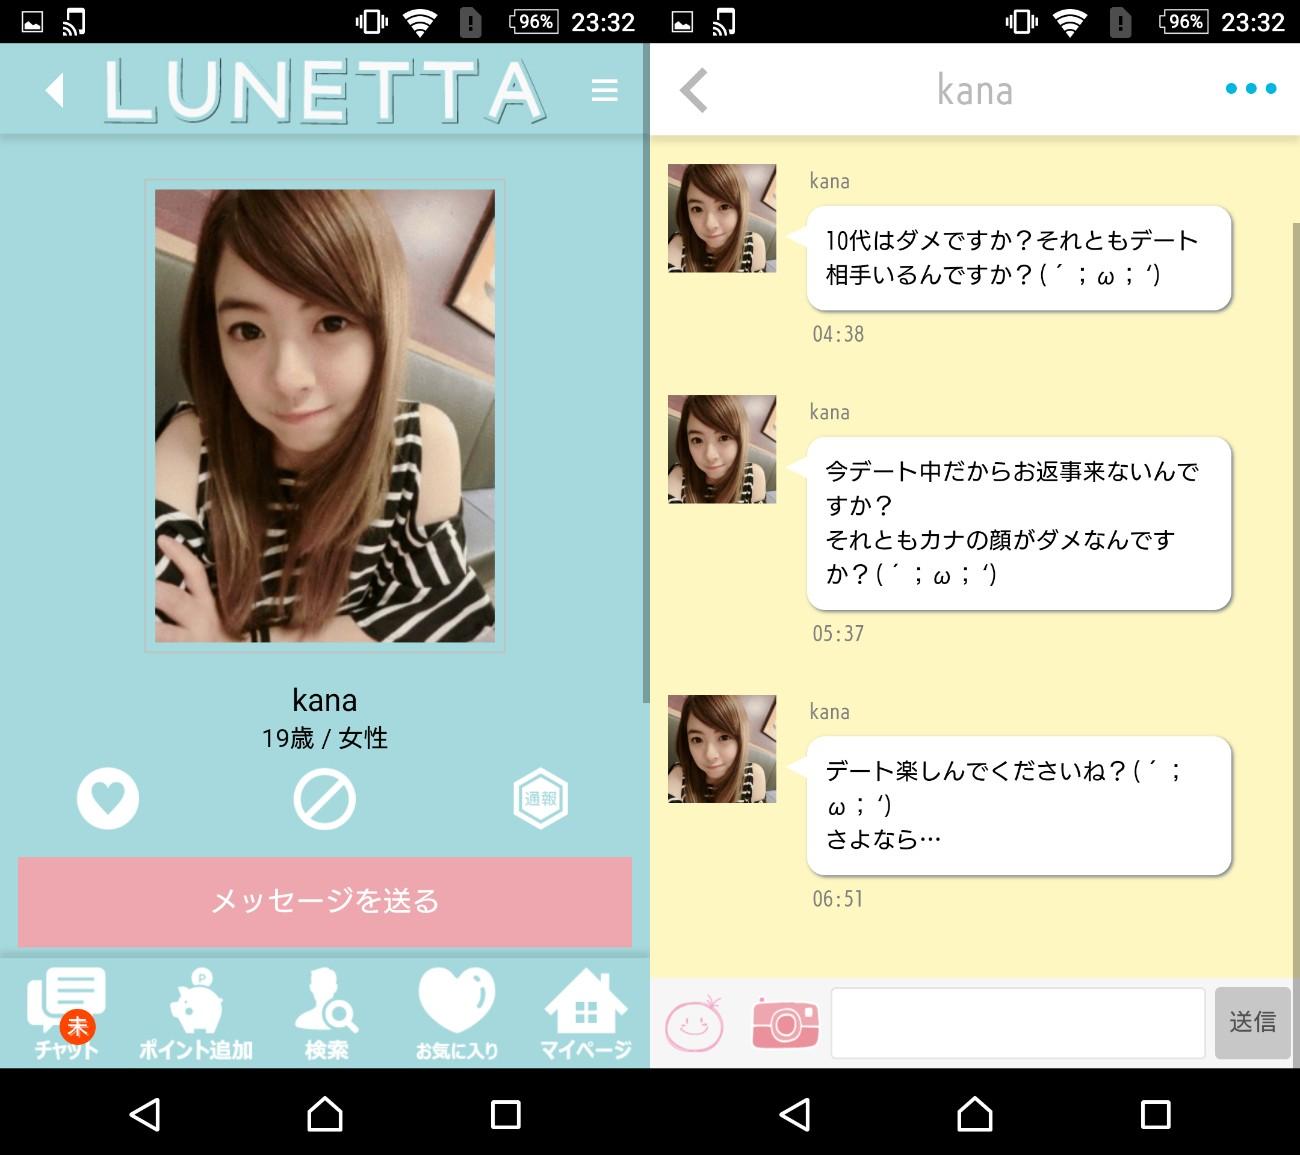 出会系アプリの恋活ルネッタ 友達作りチャットトークで恋人探しサクラのkana